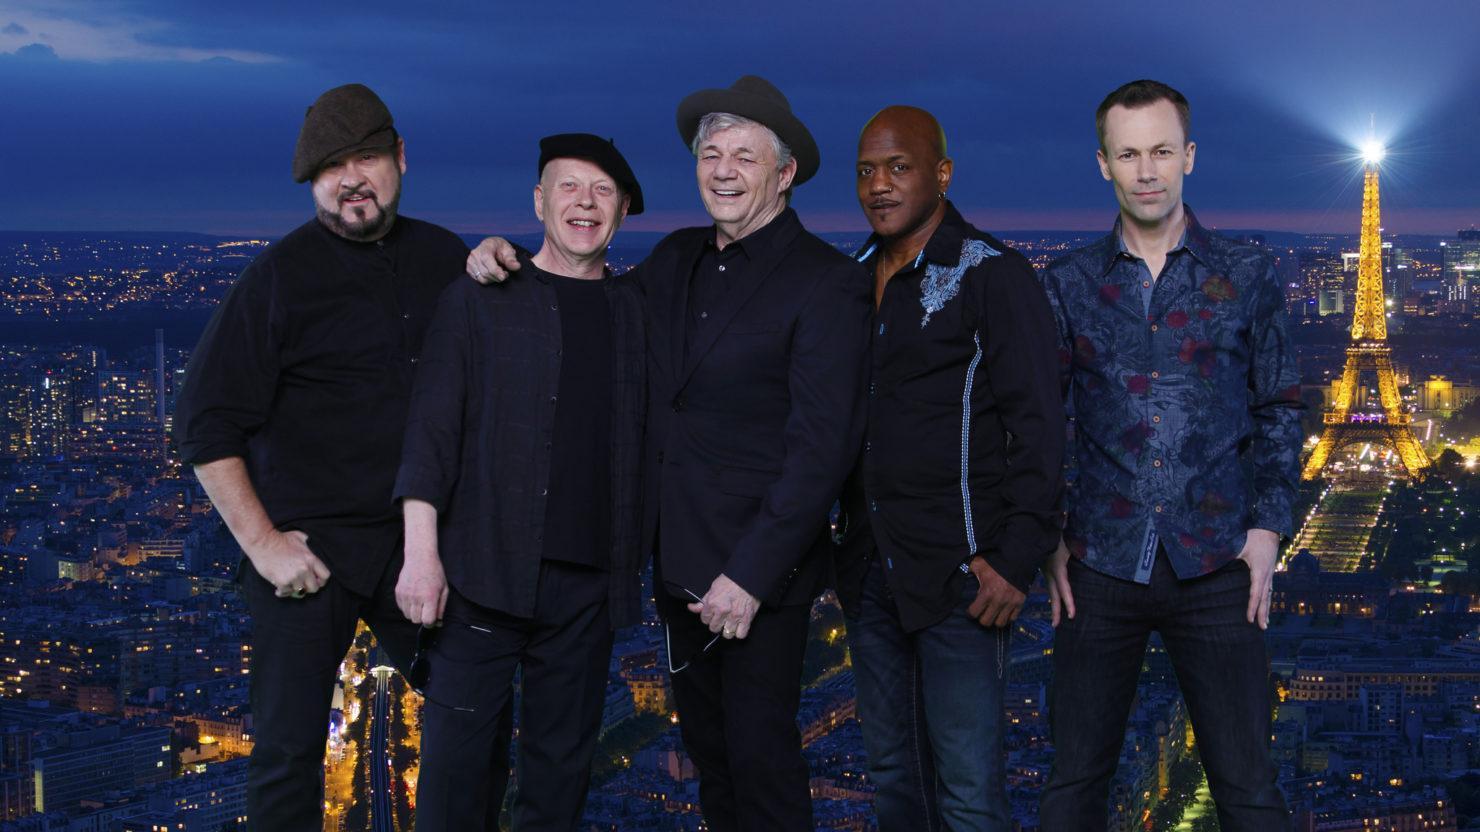 Band Boston Tour Reviews